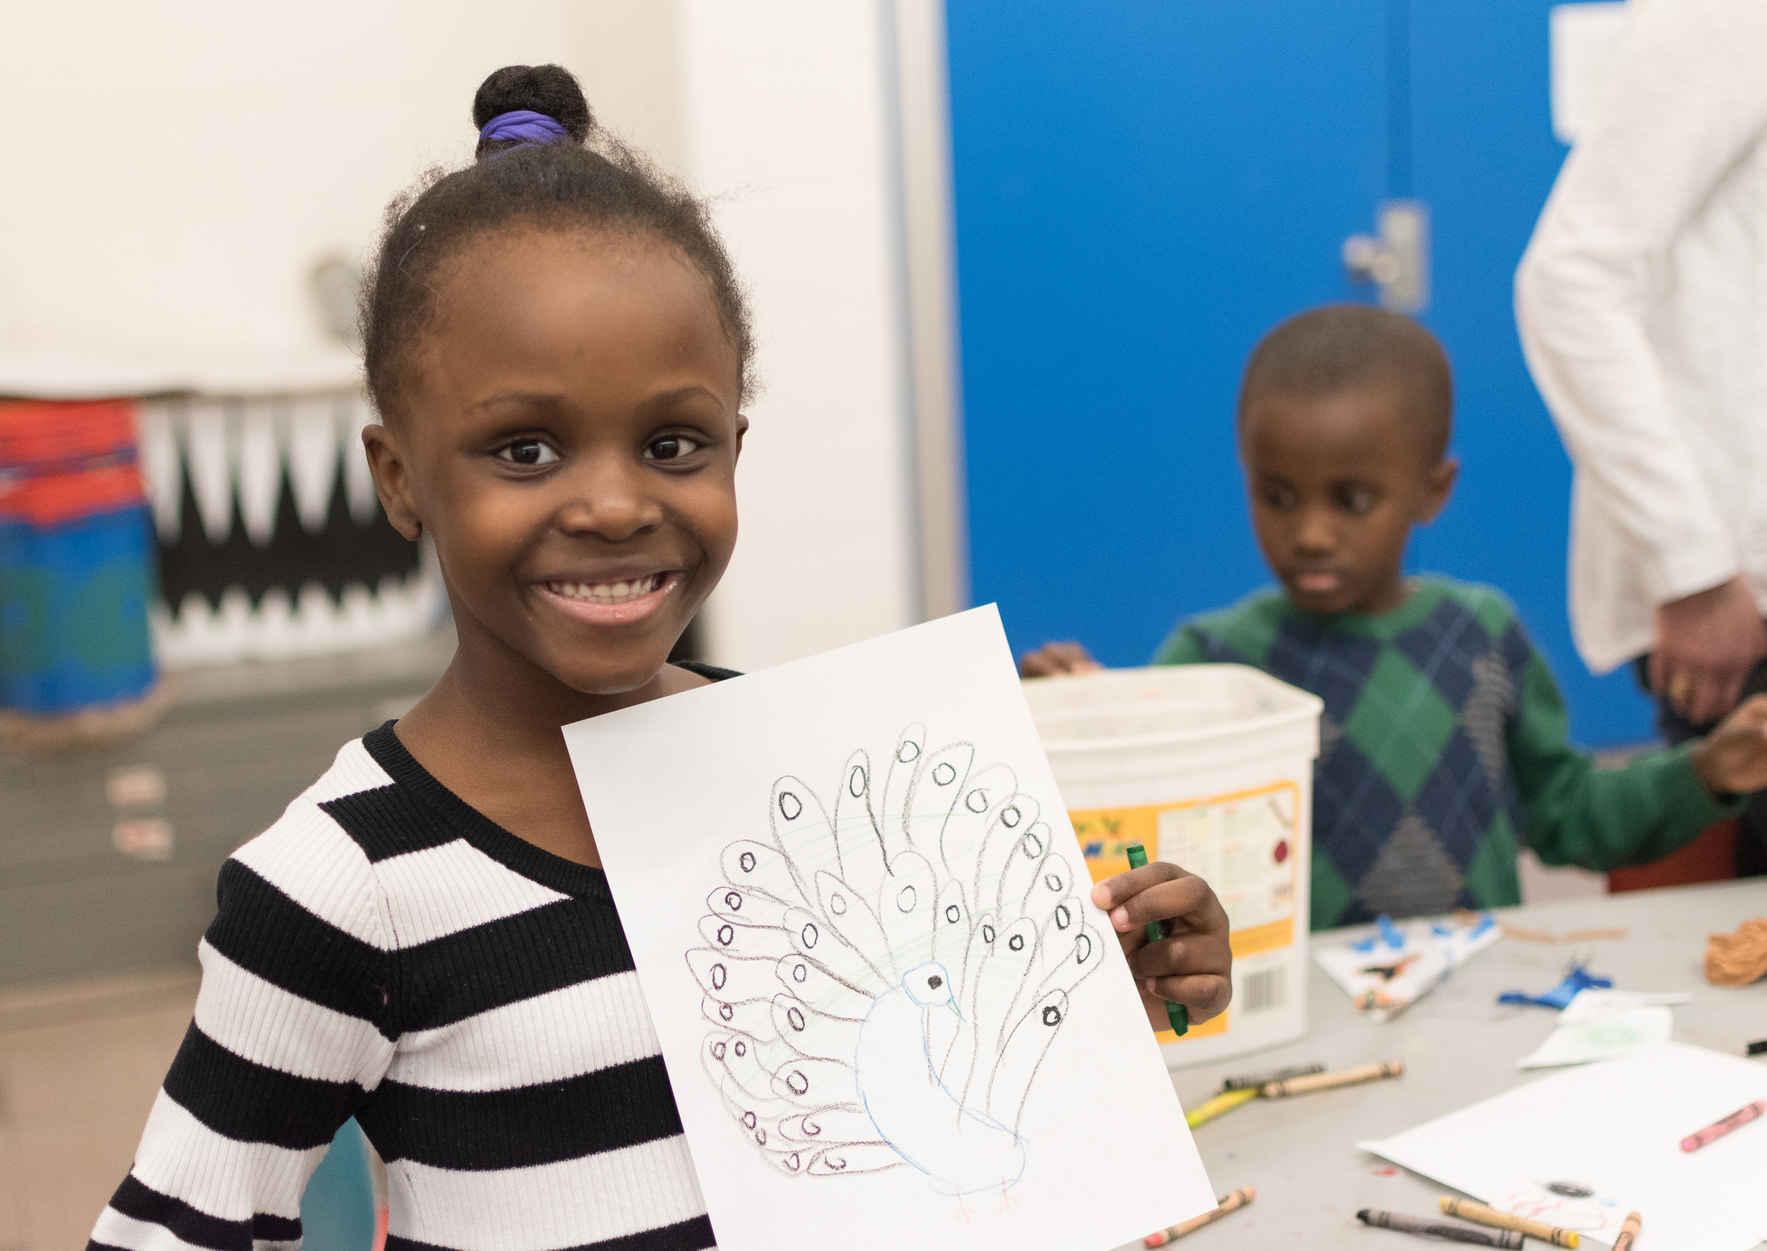 Help Prepare Children for the Future image